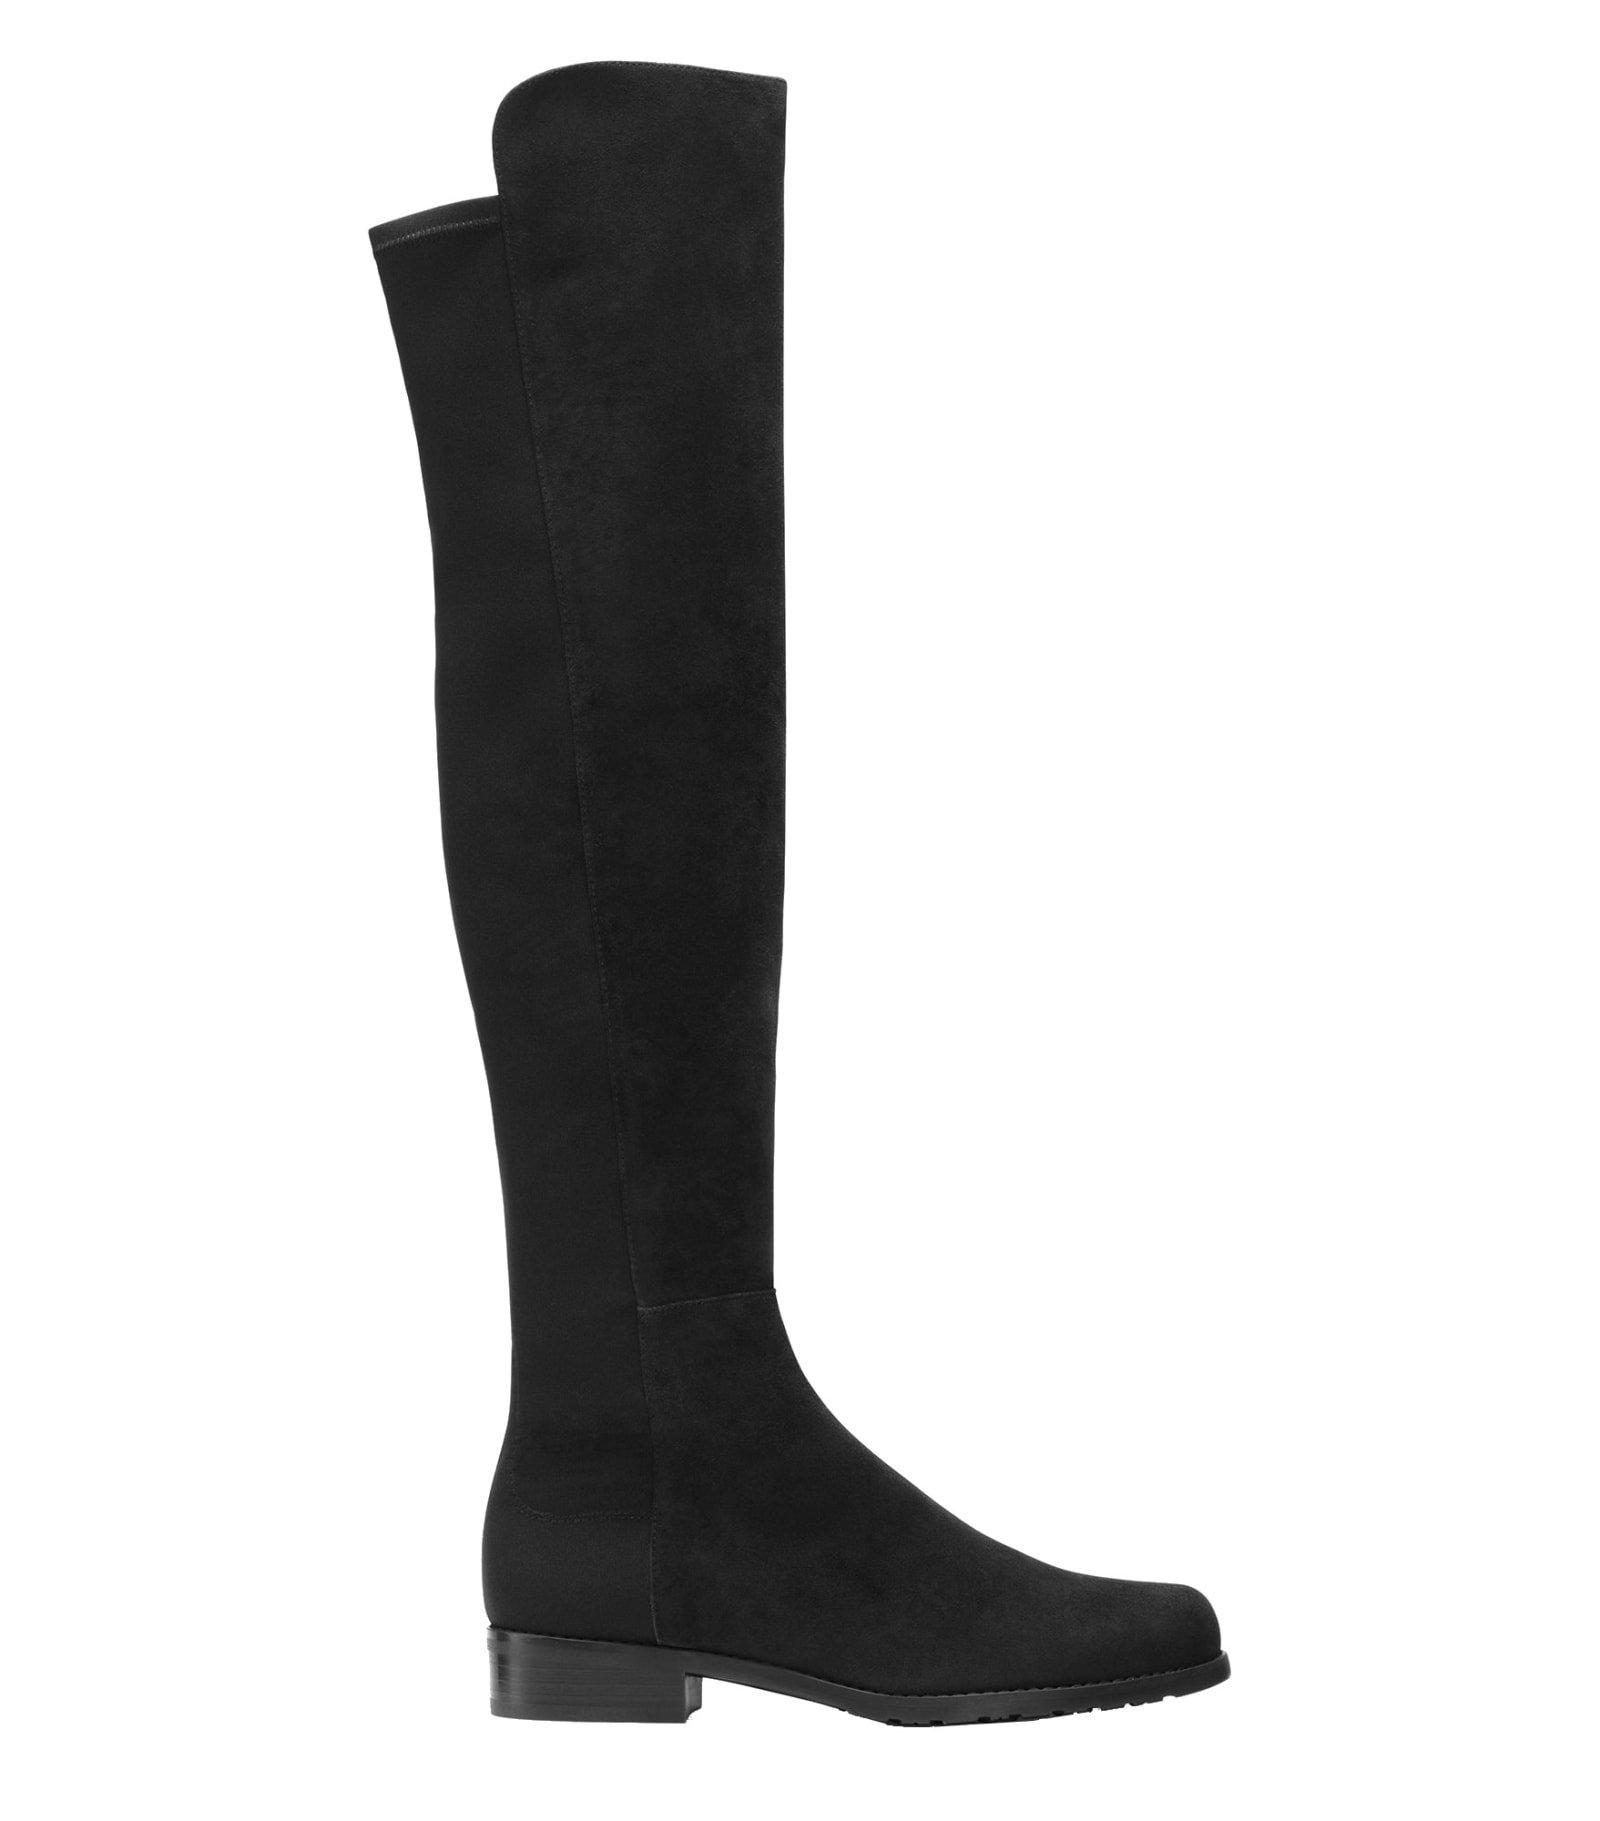 Stuart Weitzman 5050 Suede Boots